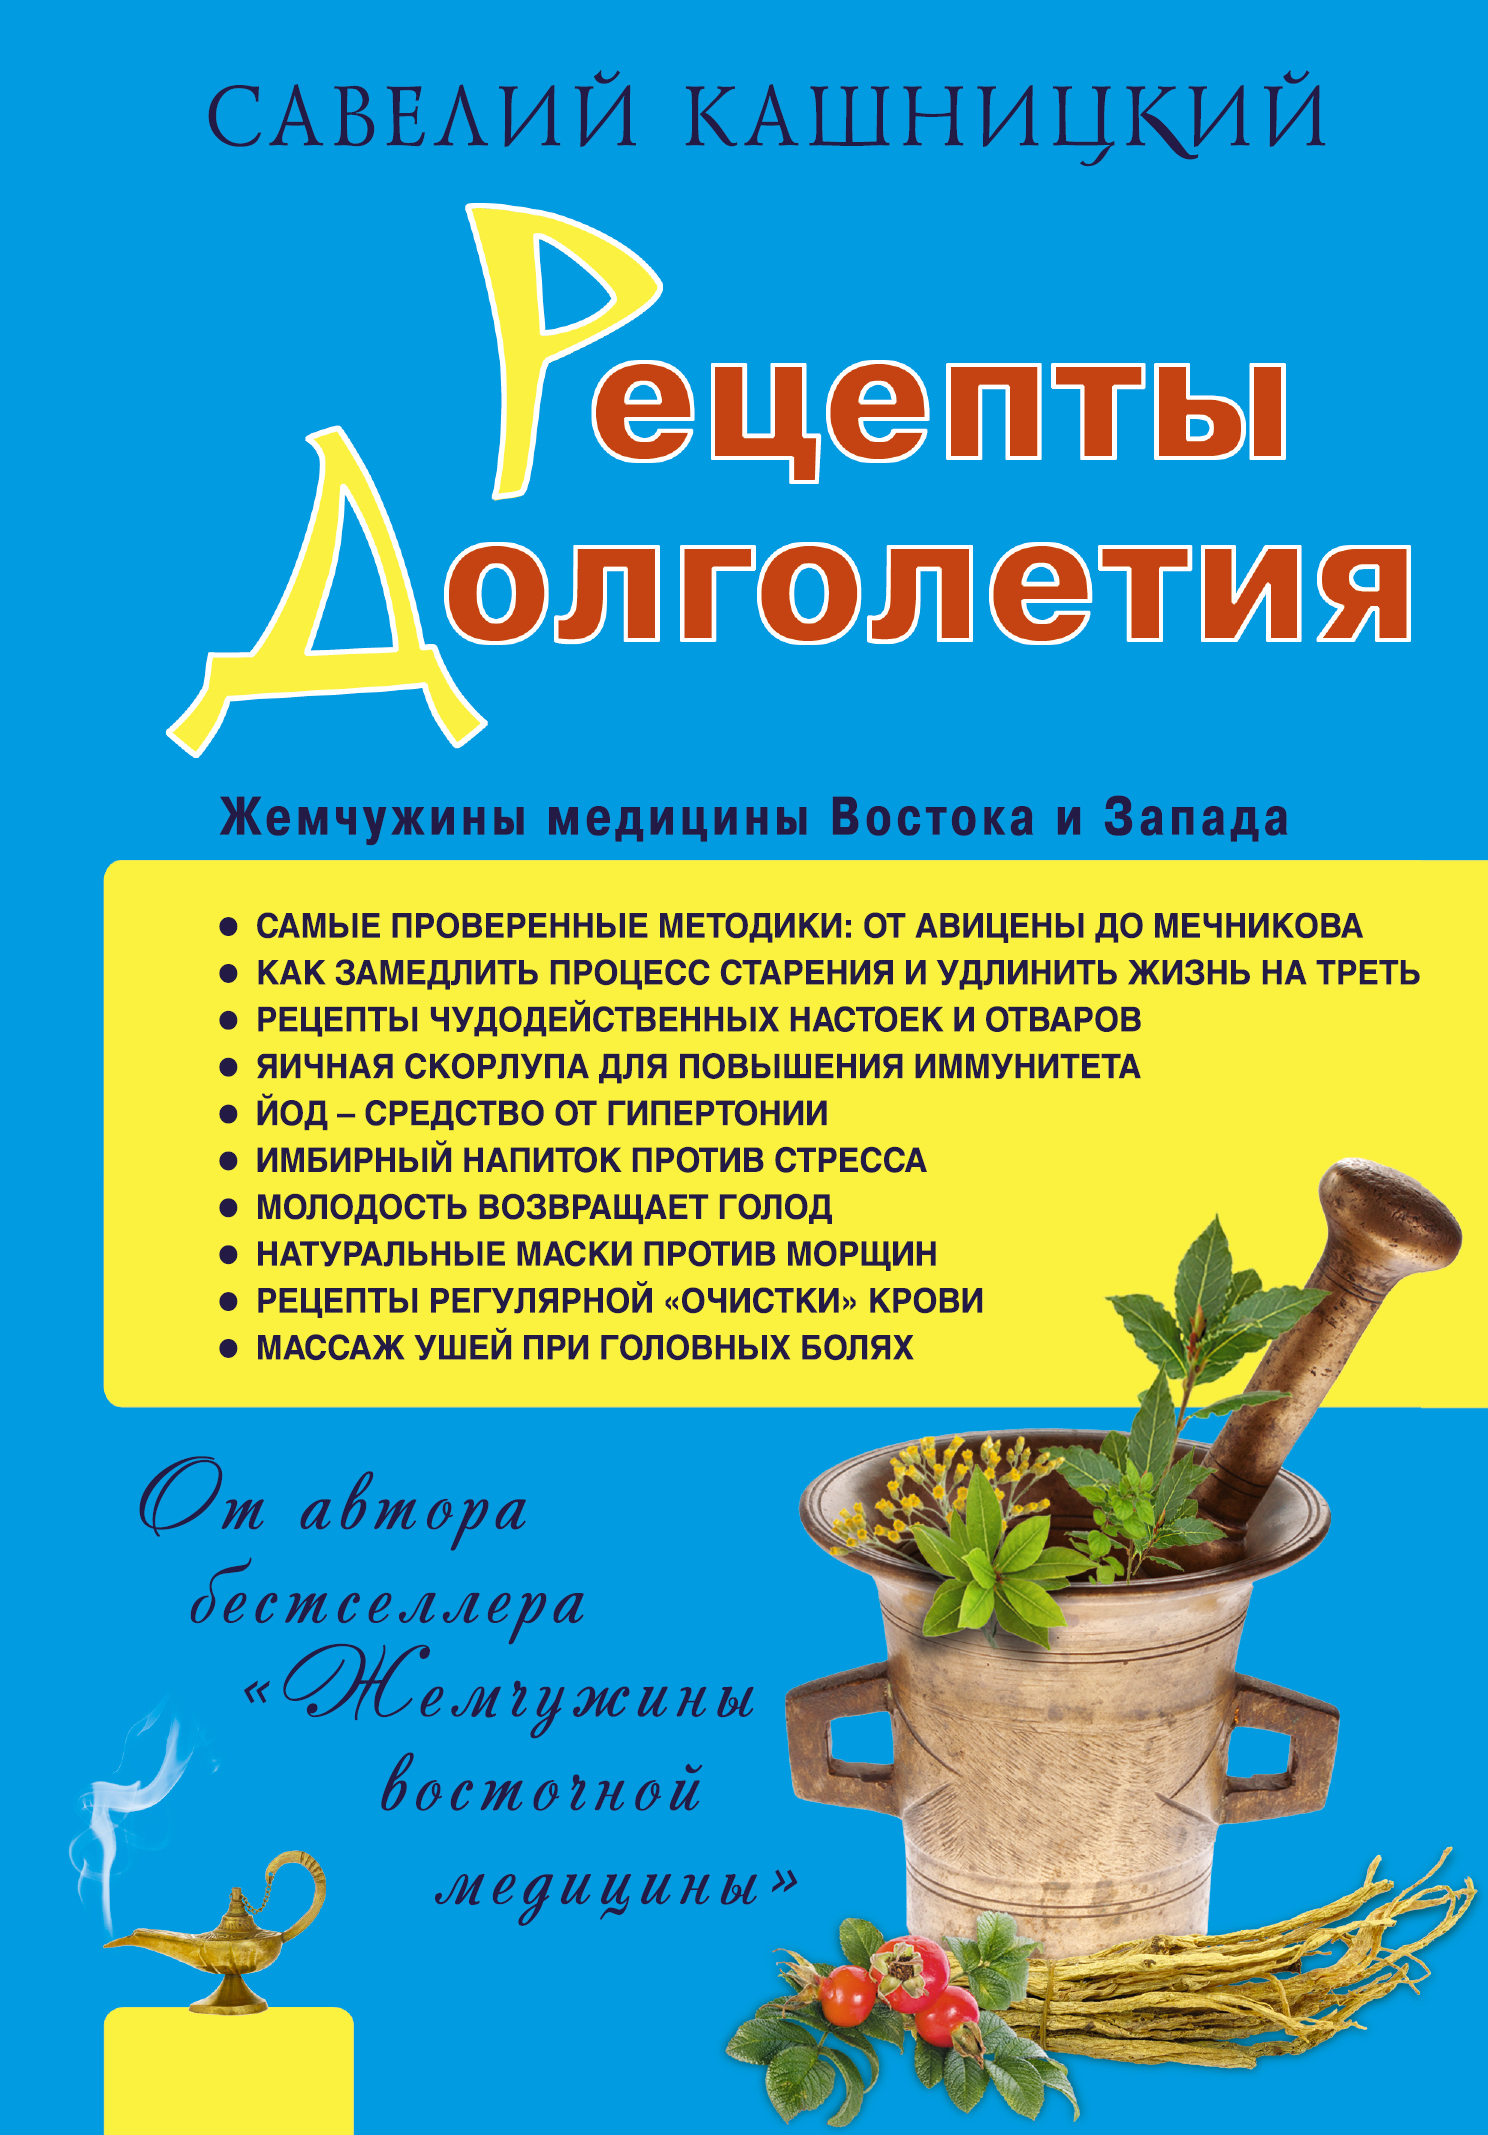 Рецепты долголетия. Жемчужины медицины Востока и Запада от book24.ru